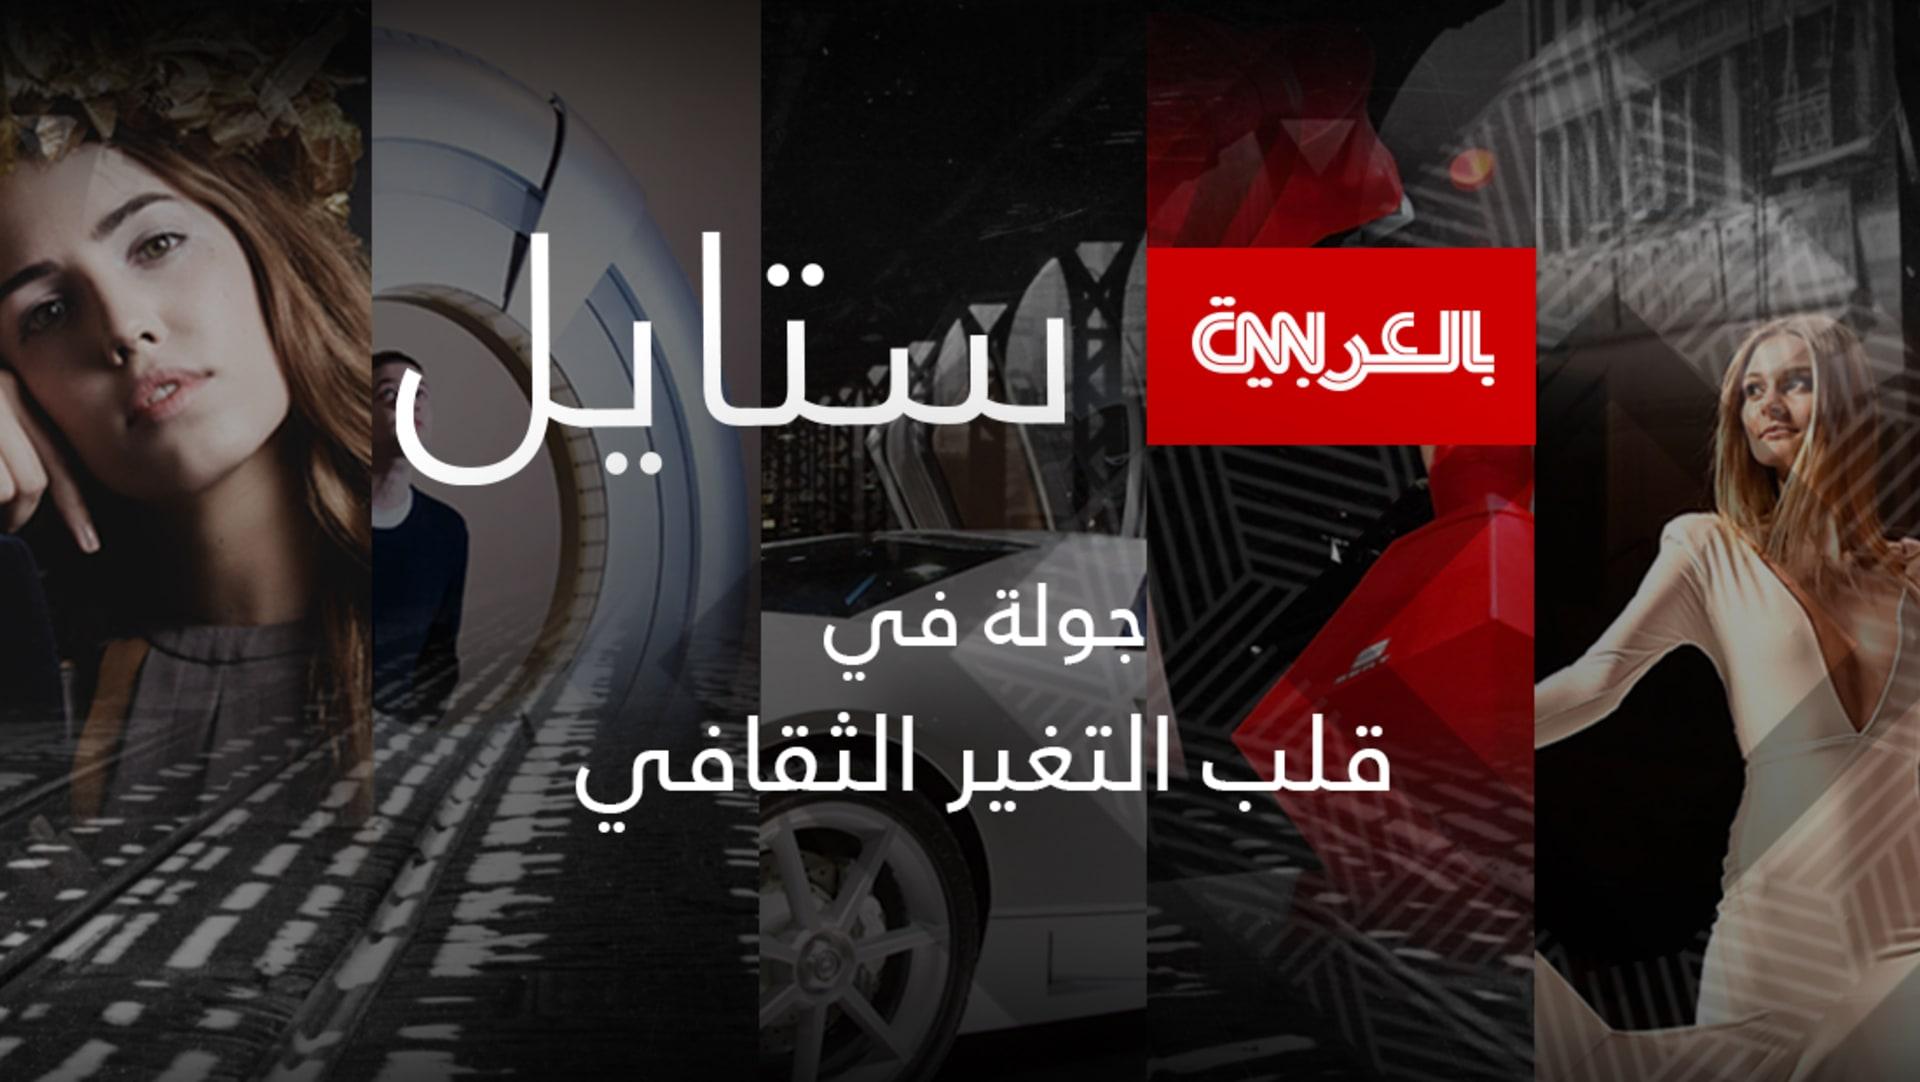 """موقع CNN بالعربية يُطلق صفحة """"ستايل"""" العصرية لجمهور متنوع"""